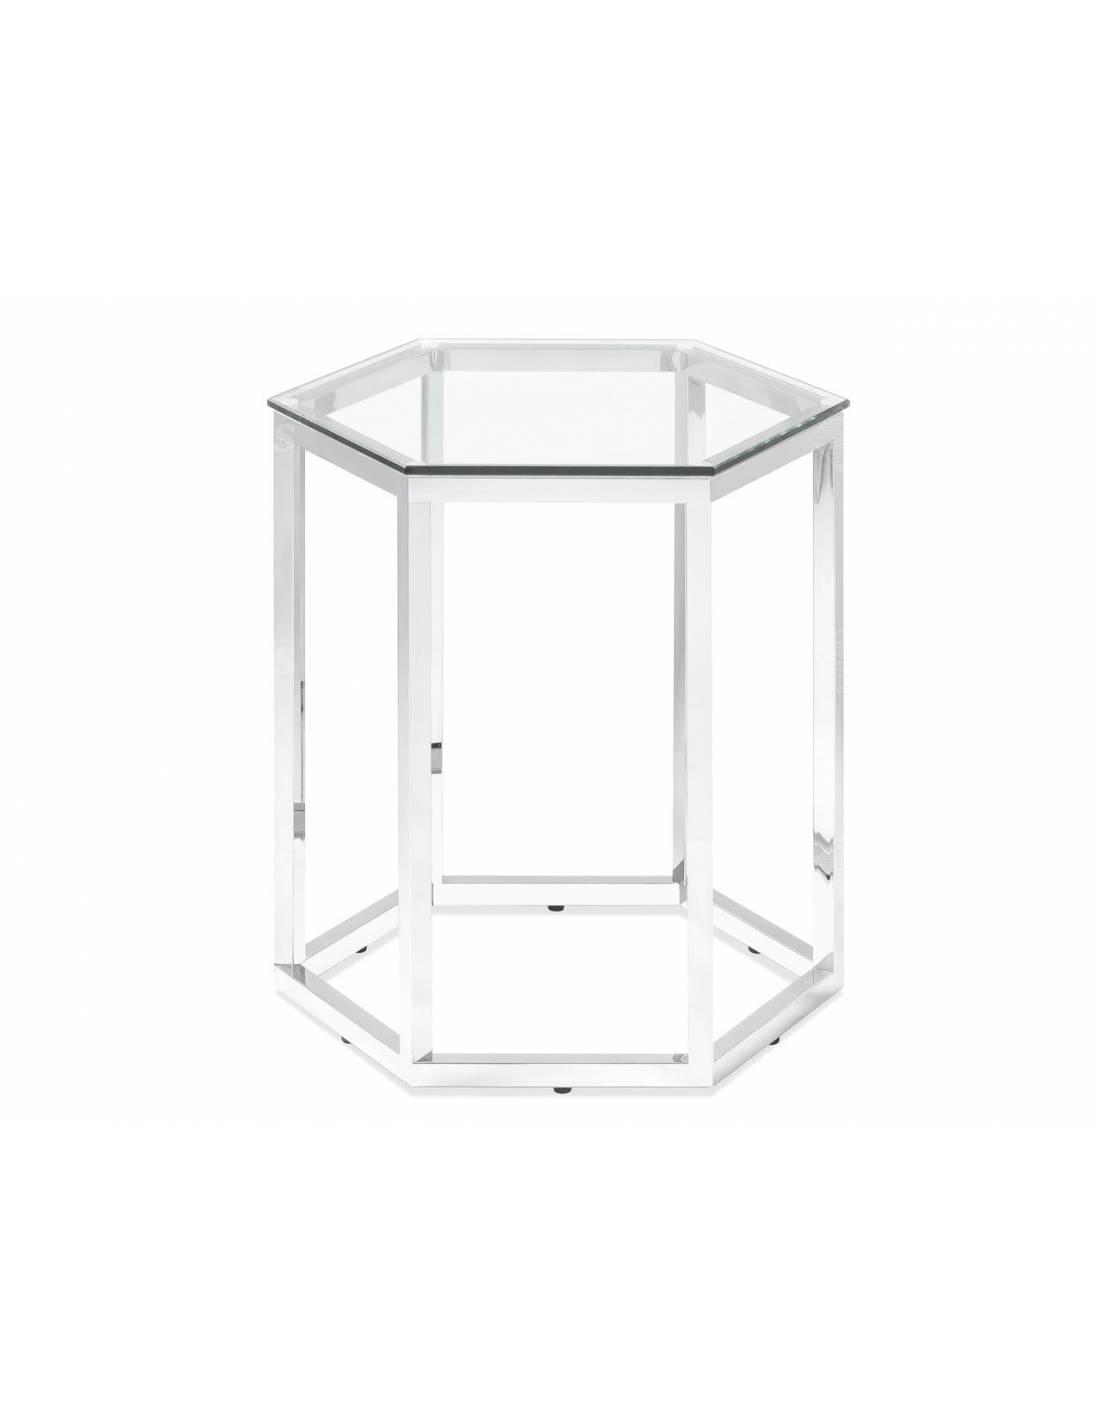 Metalowy srebrny stolik o sześciokątnym szklanym blacie